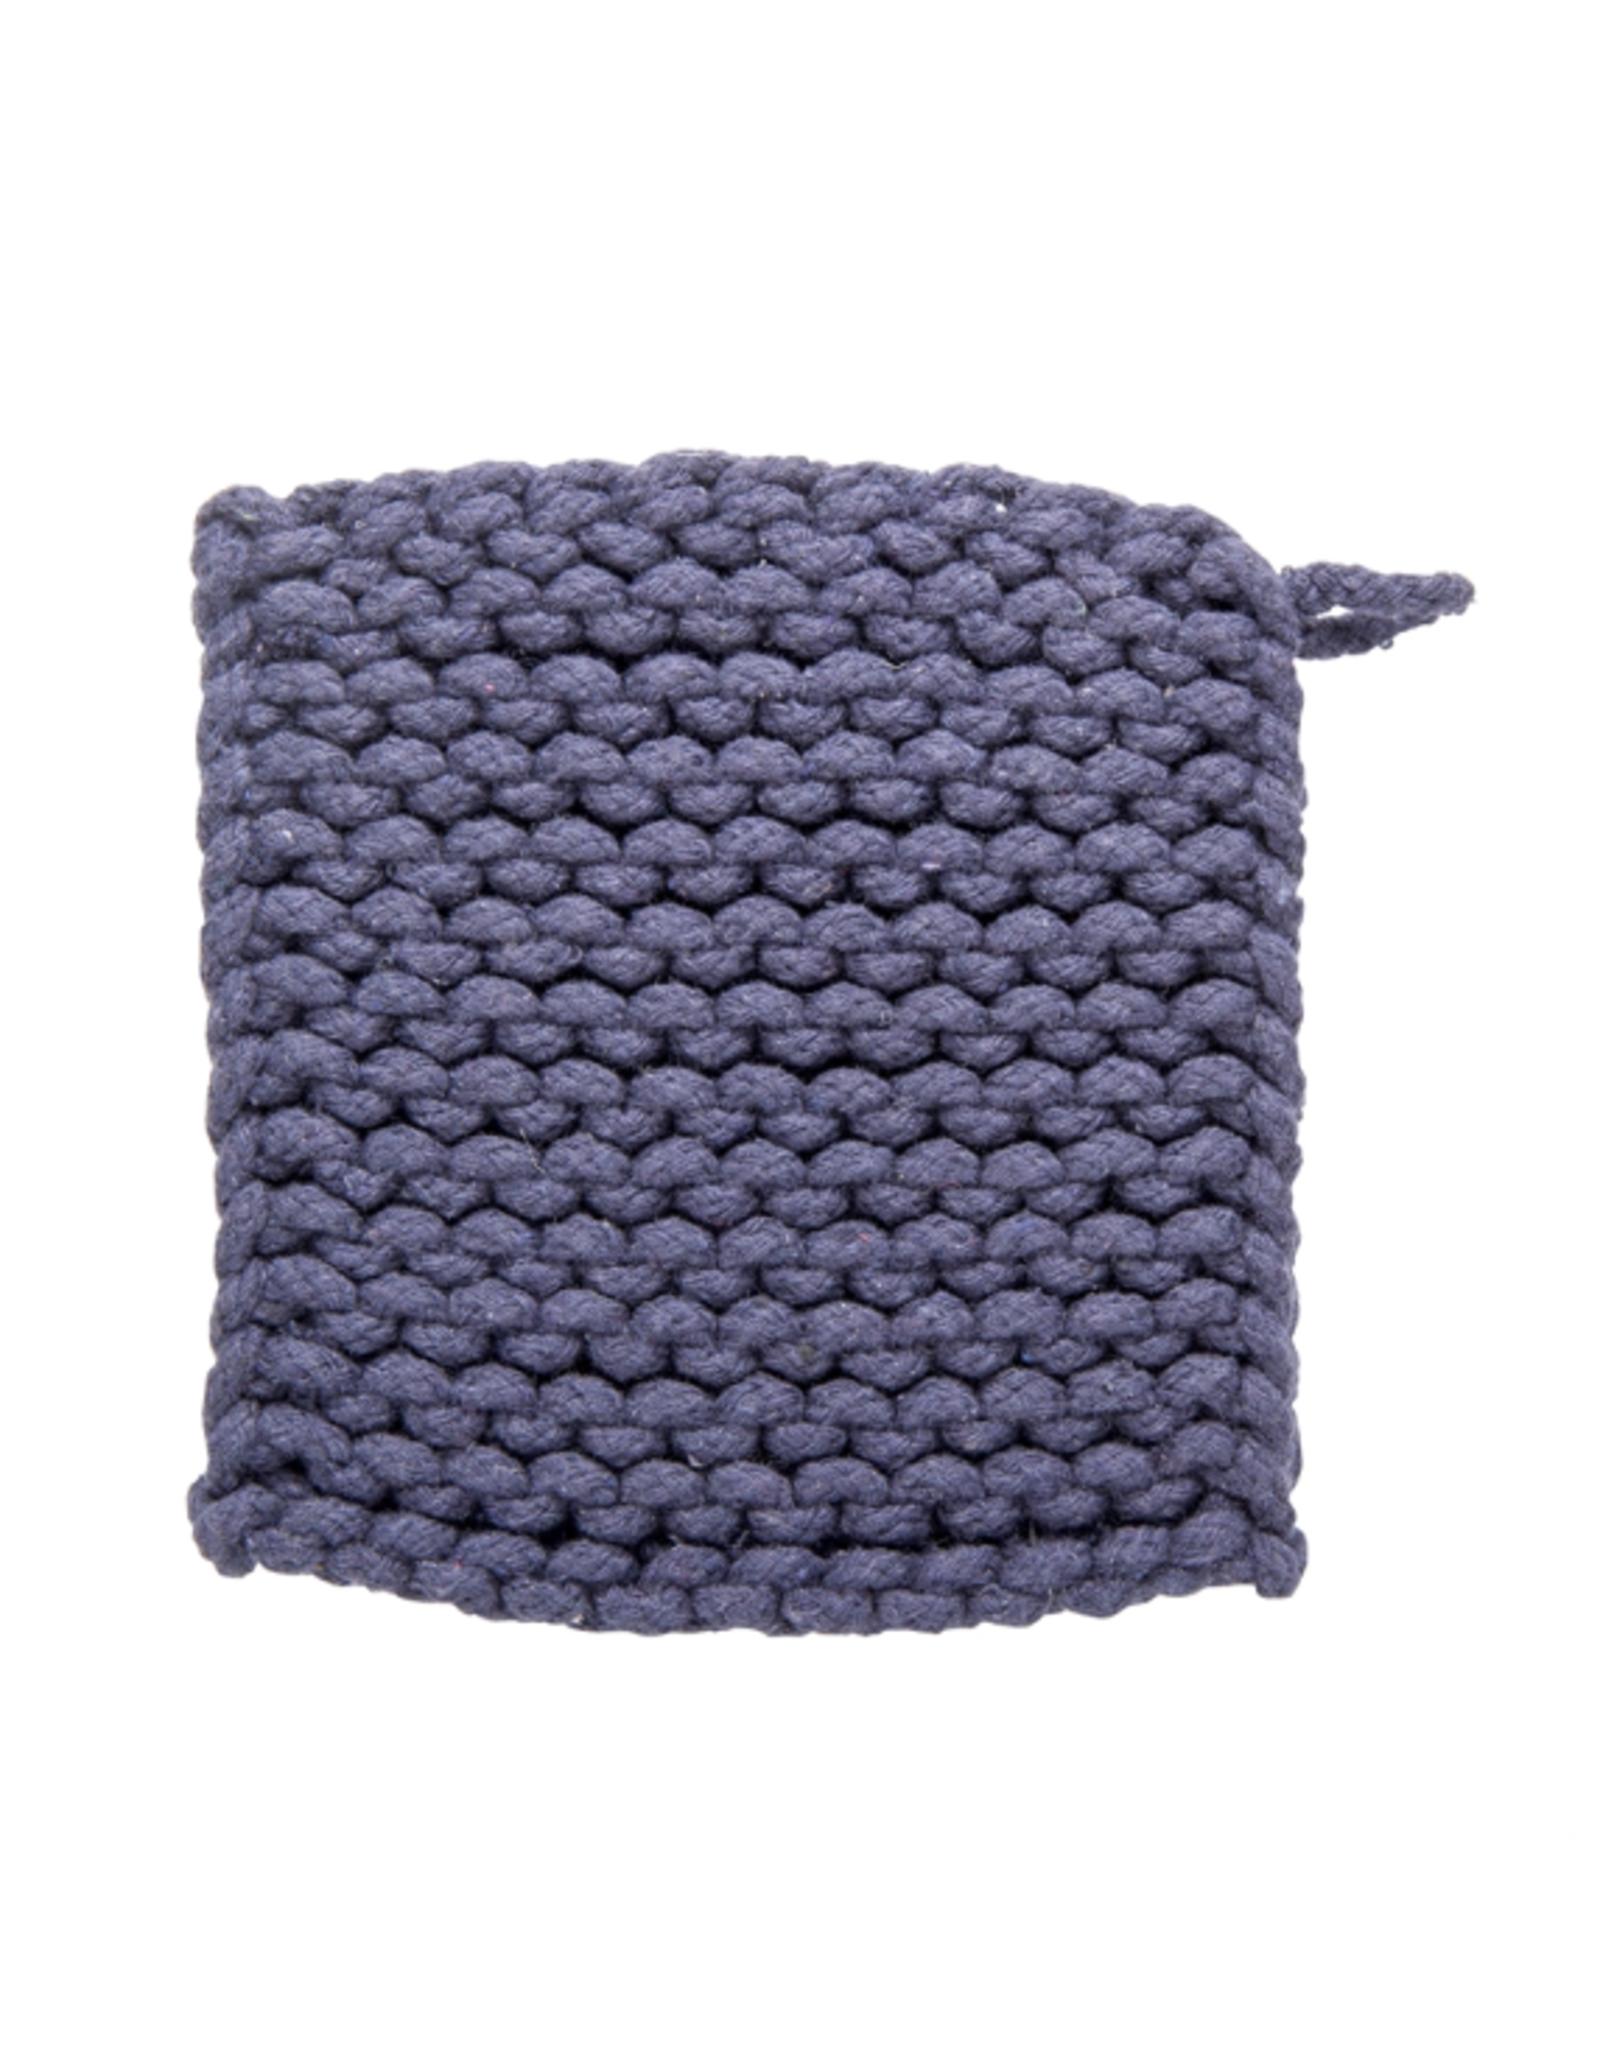 Tag Crochet Trivet/Potholder - Midnight Blue